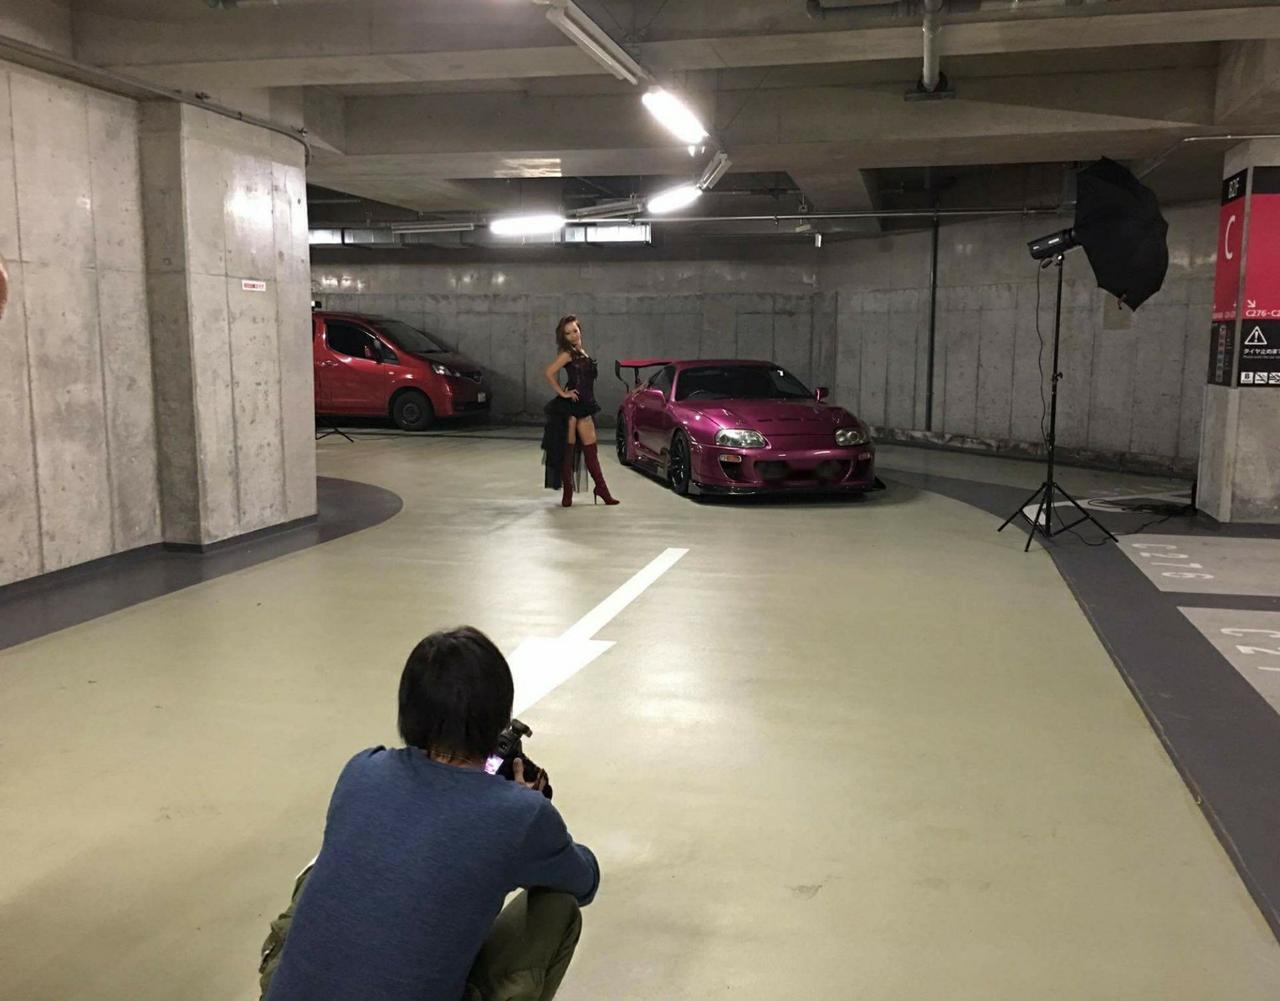 画像: 撮影風景。撮影はこのように地下駐車場のカッコよさをいかして撮影された。